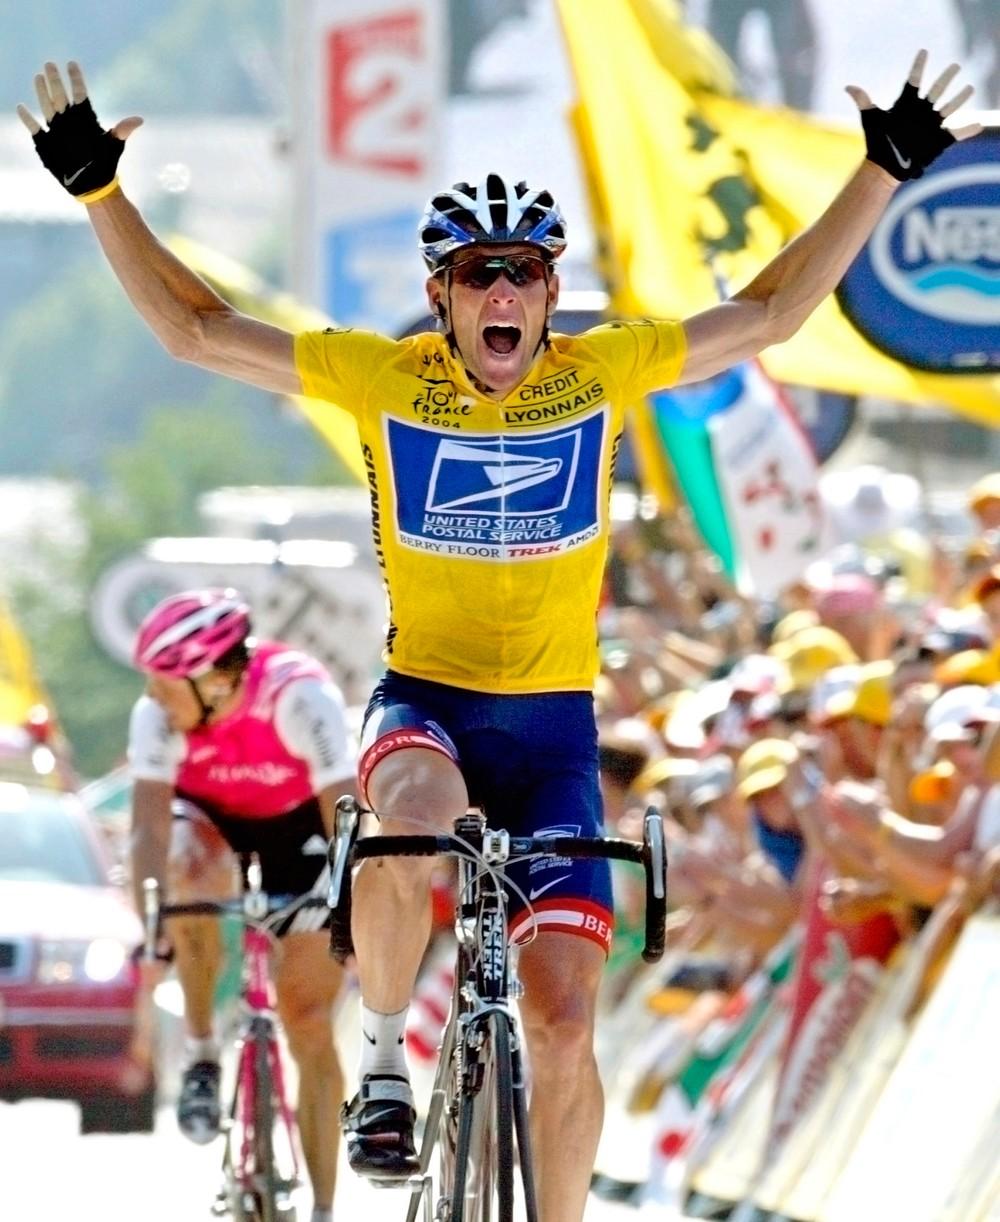 Kto sa Armstrongovi postavil, toho sa snažil zničiť